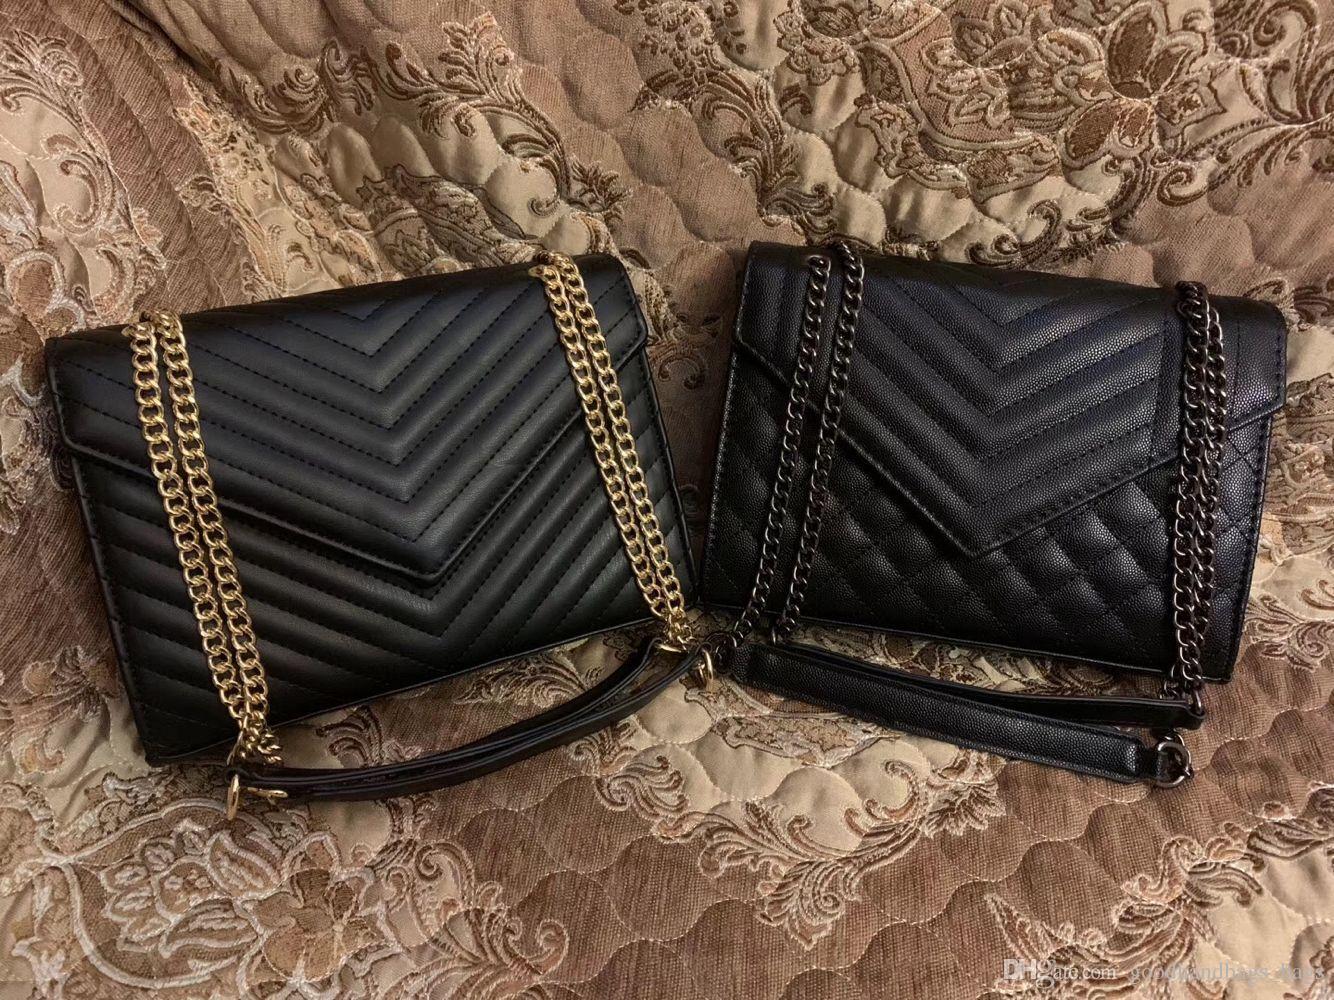 2018NEW TOP PU qualité véritable sac à main réelle pochette femmes en cuir sacs à bandoulière Métis sacs crossbody sacs à main messager Bourse # 5114